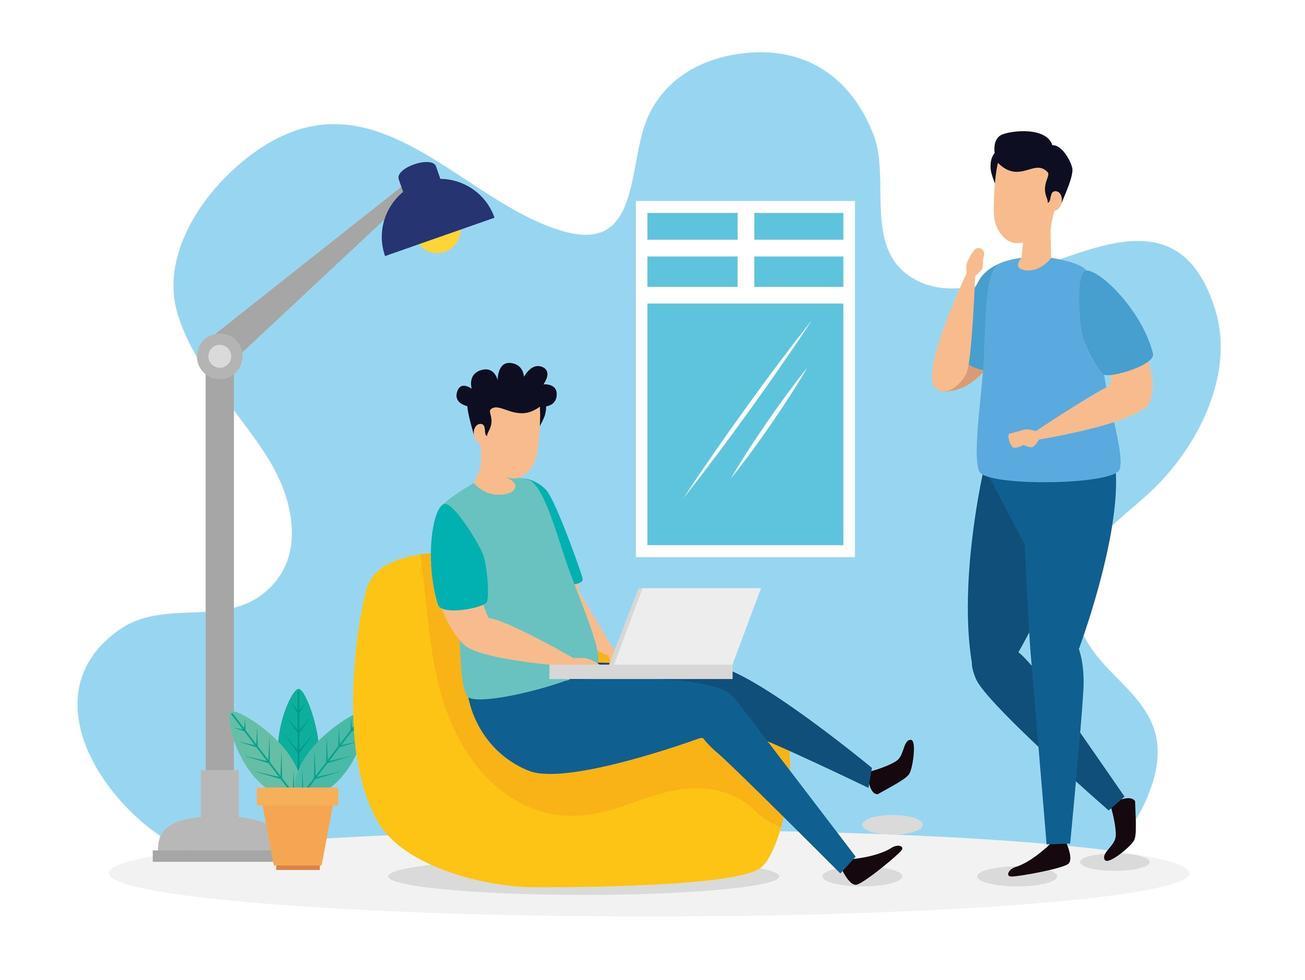 scena di coworking con uomini al chiuso vettore